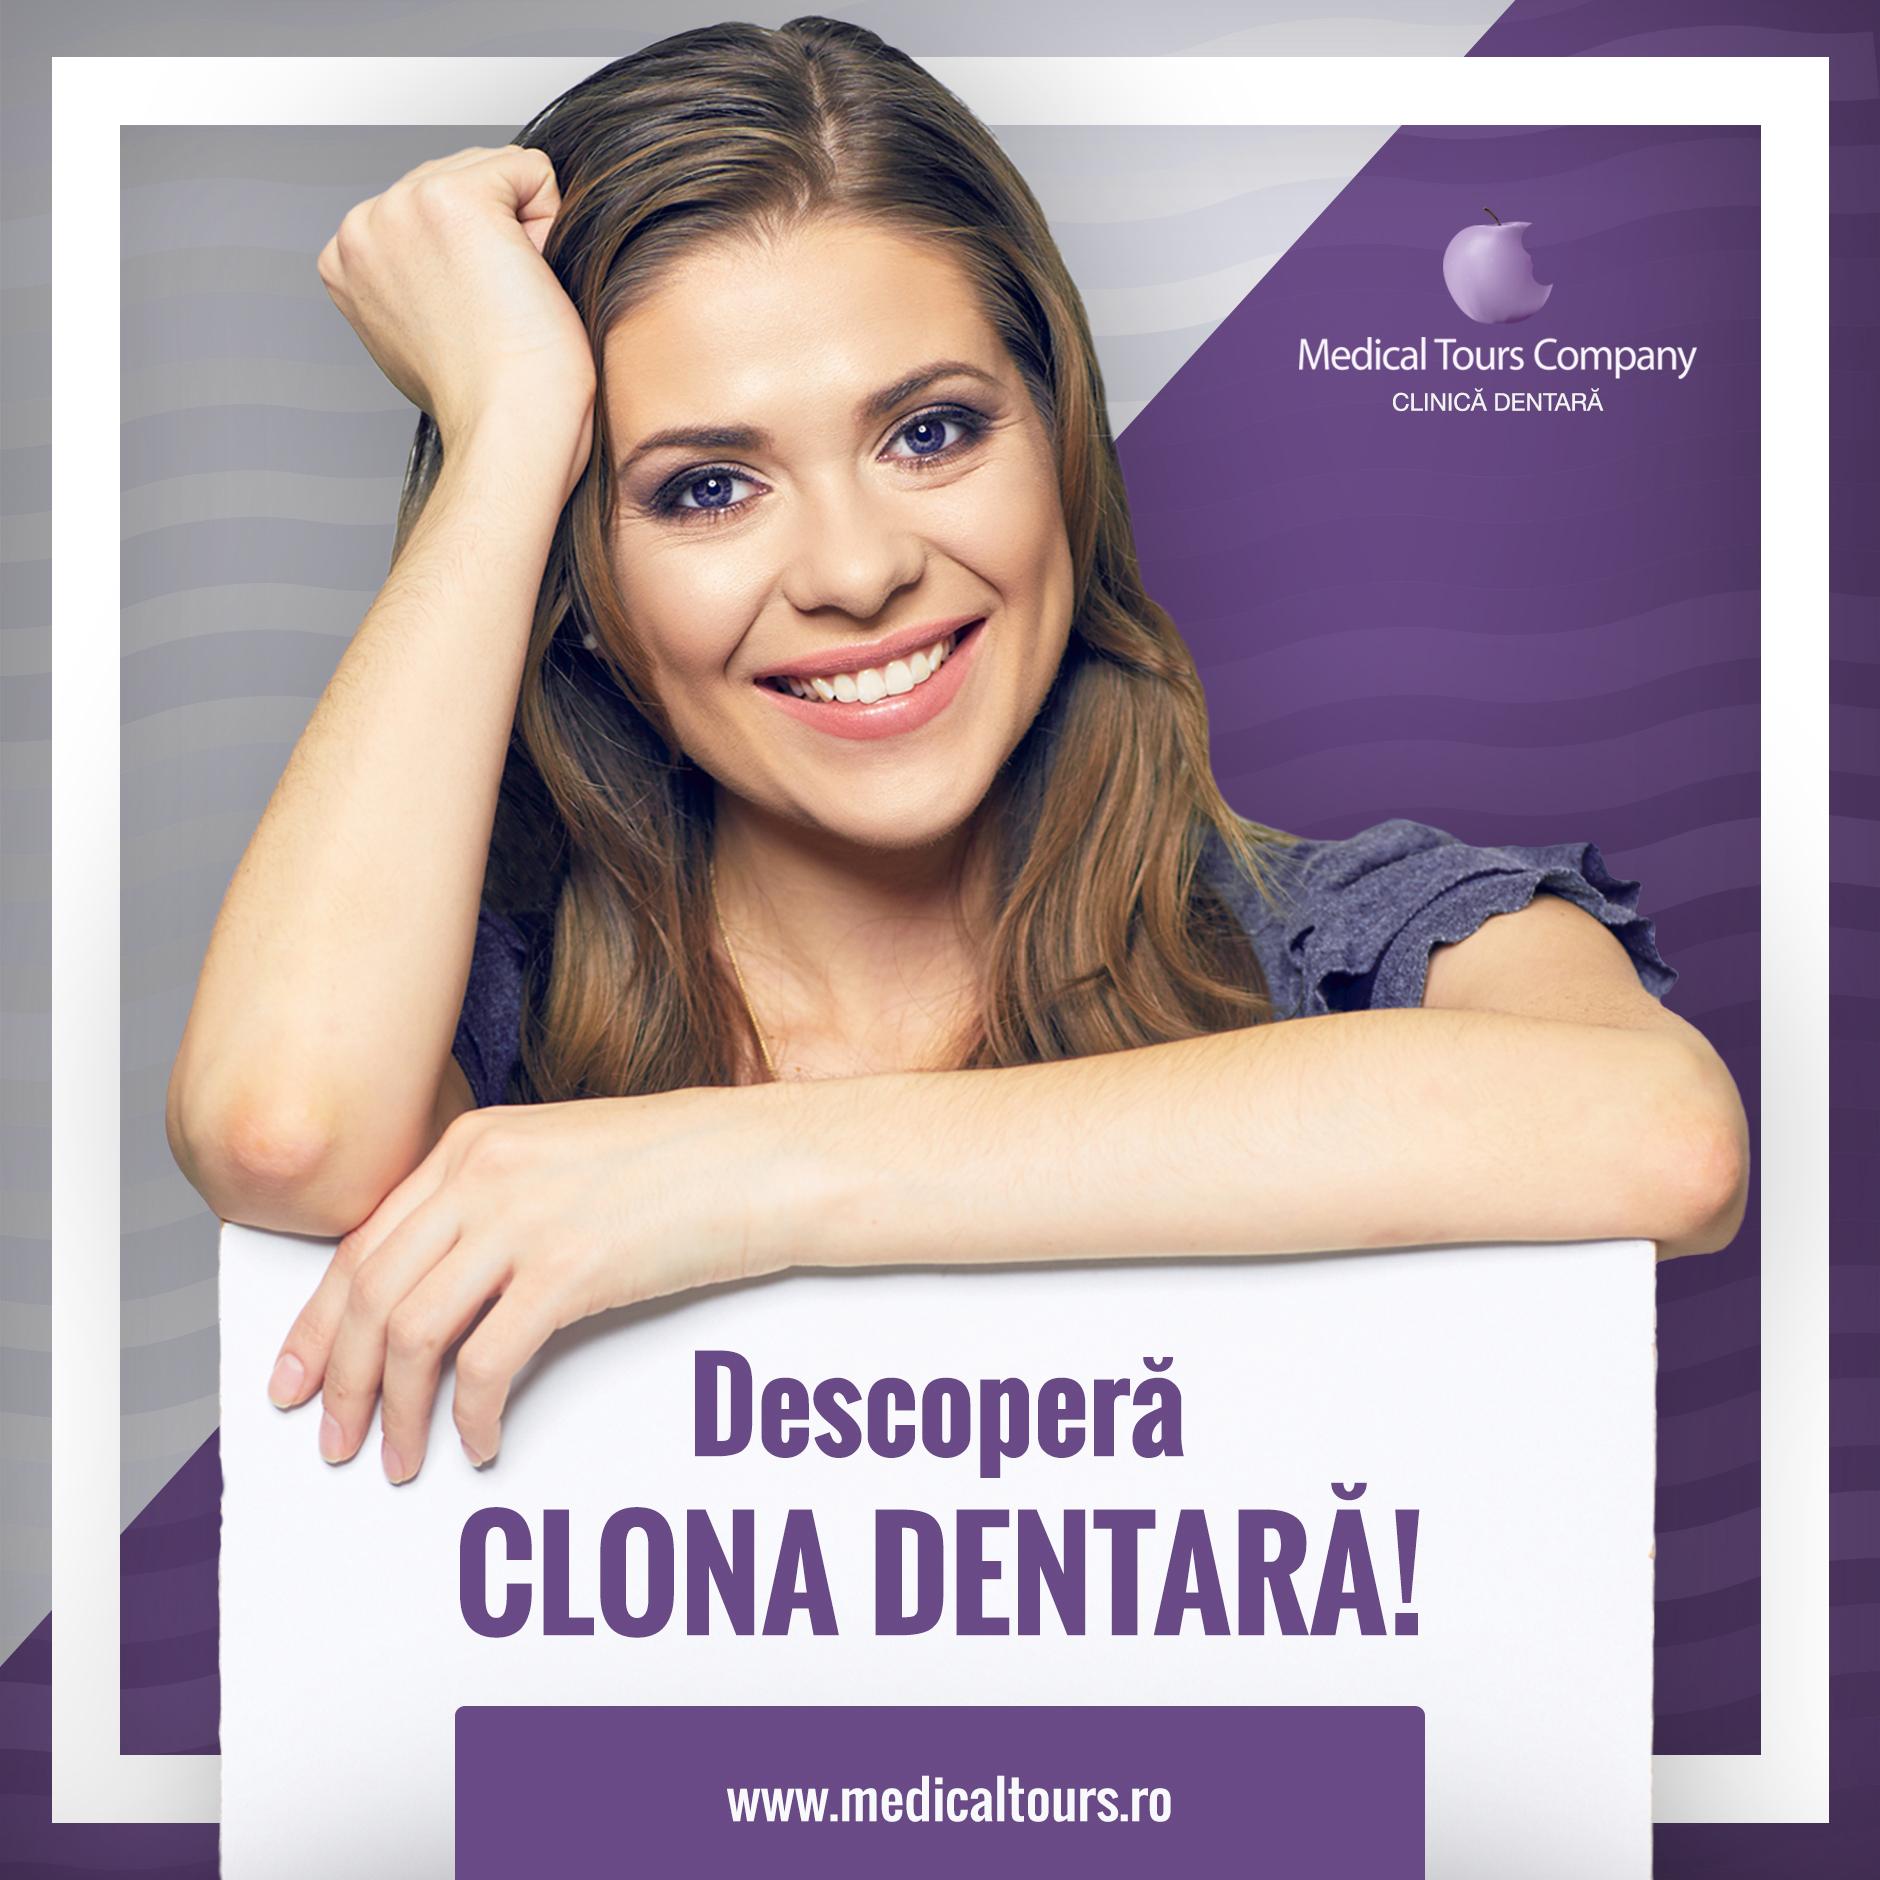 Clona dentara